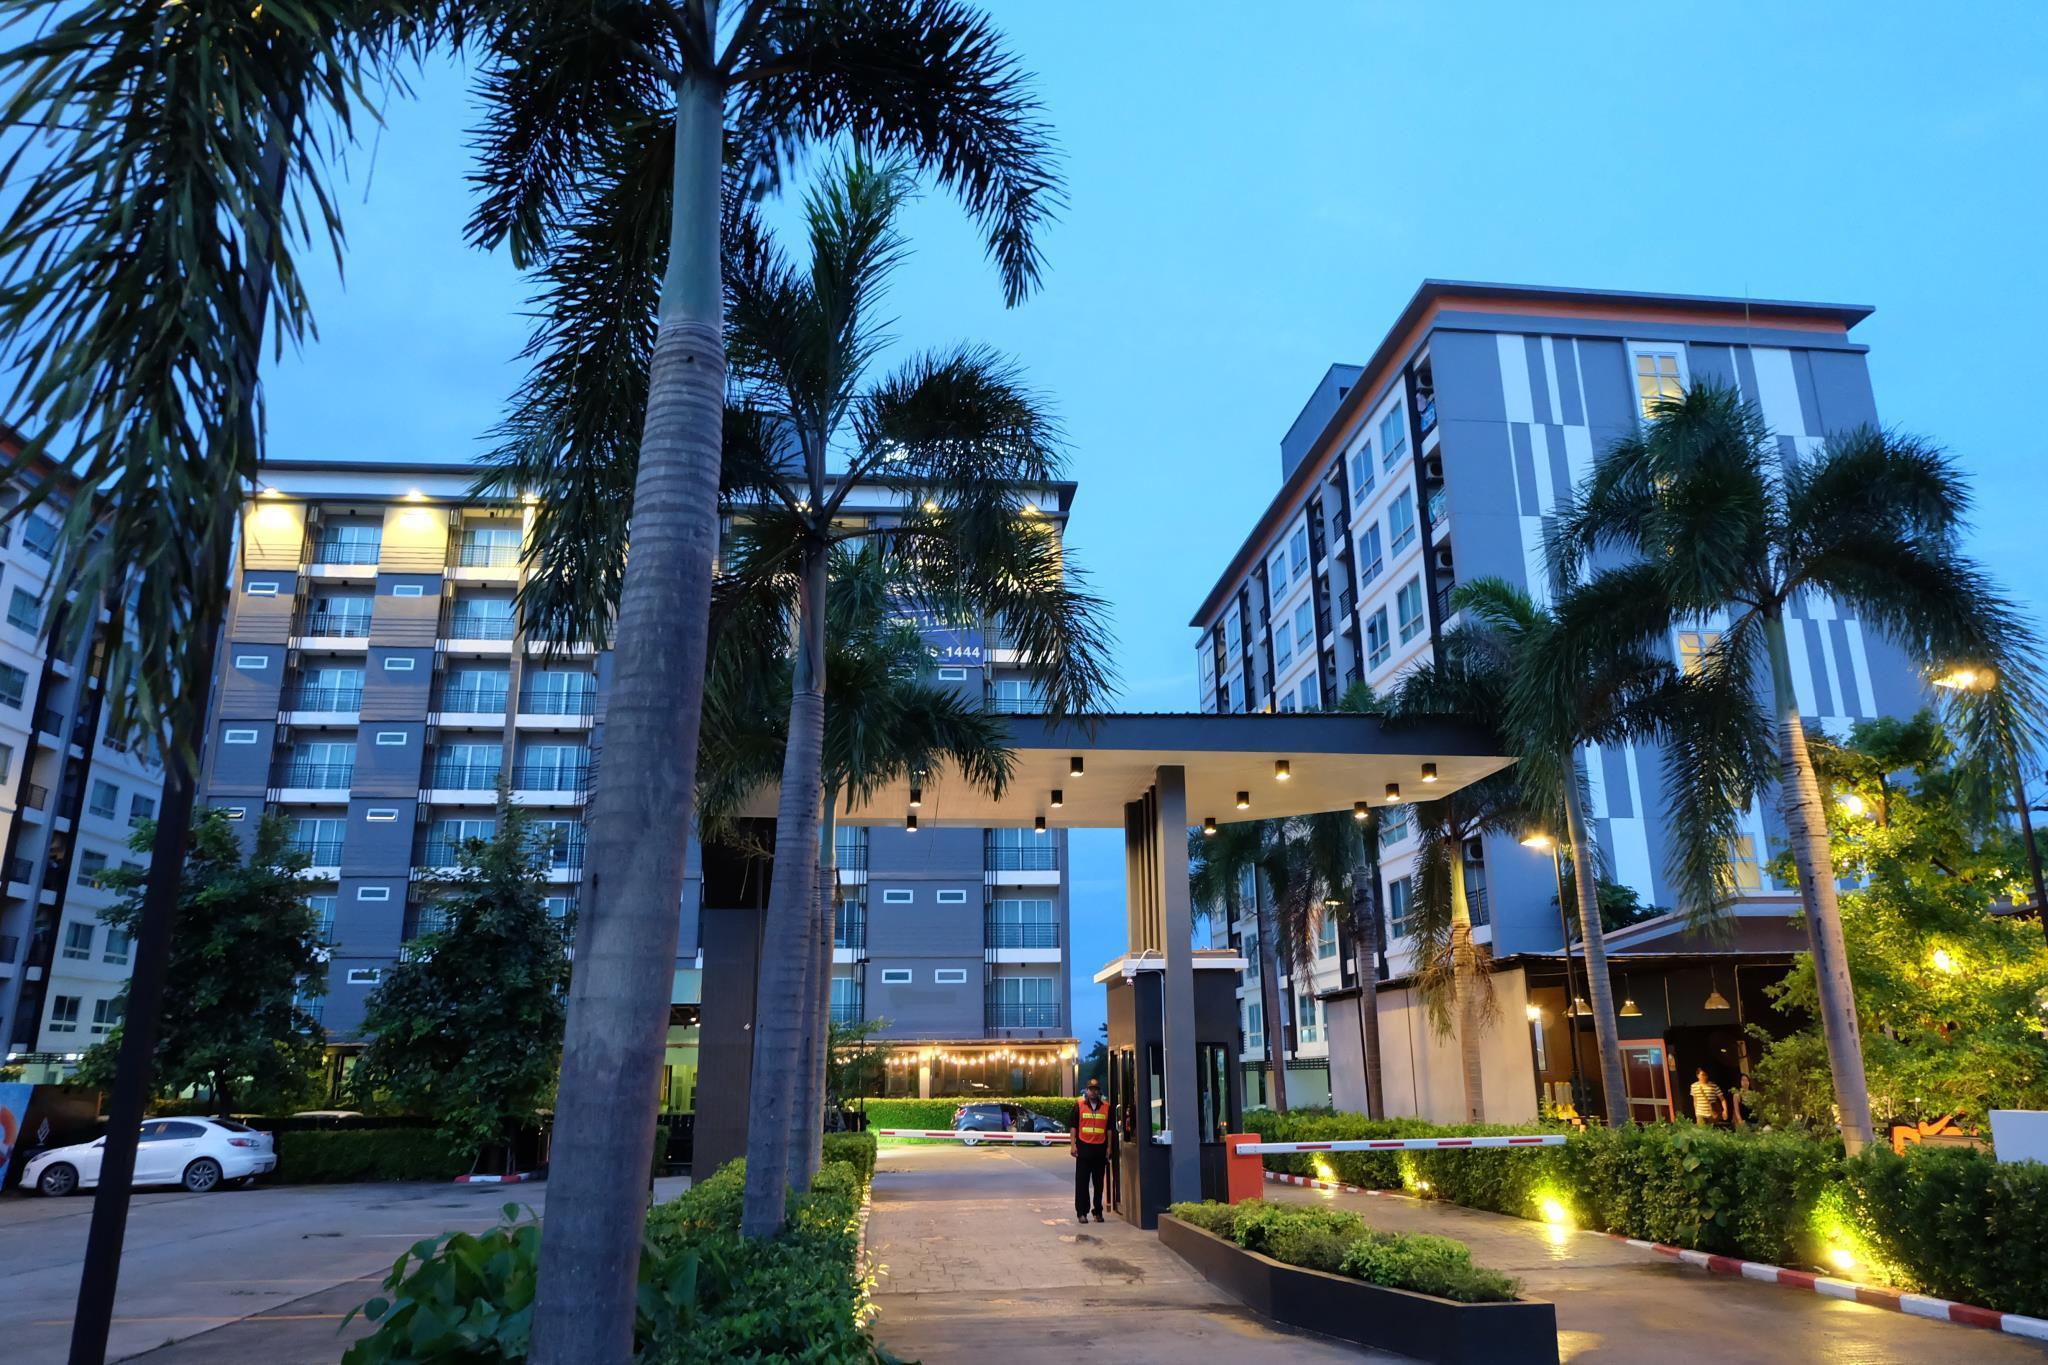 Interpark Hotel & Residence, Eastern Seaboard Rayong อินเตอร์พาร์ค โฮเต็ล แอนด์ เรสซิเดนซ์ อีสเทิร์นซีบอร์ด ระยอง